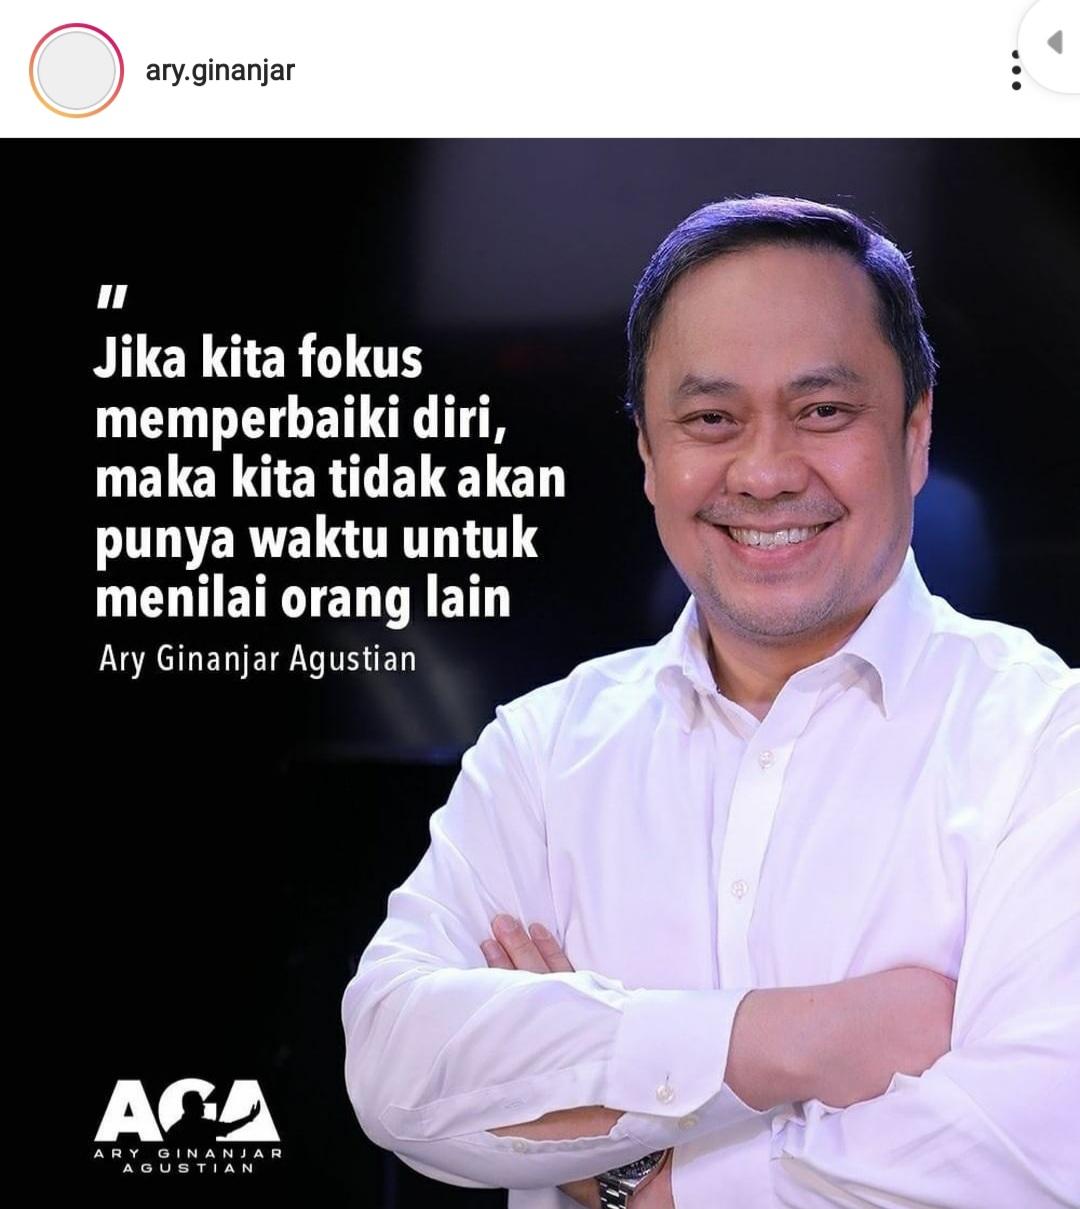 Ary Ginanjar Agustian - Jika kita fokus memperbaiki diri, maka kita tidak akan punya waktu untuk menilai orang lain